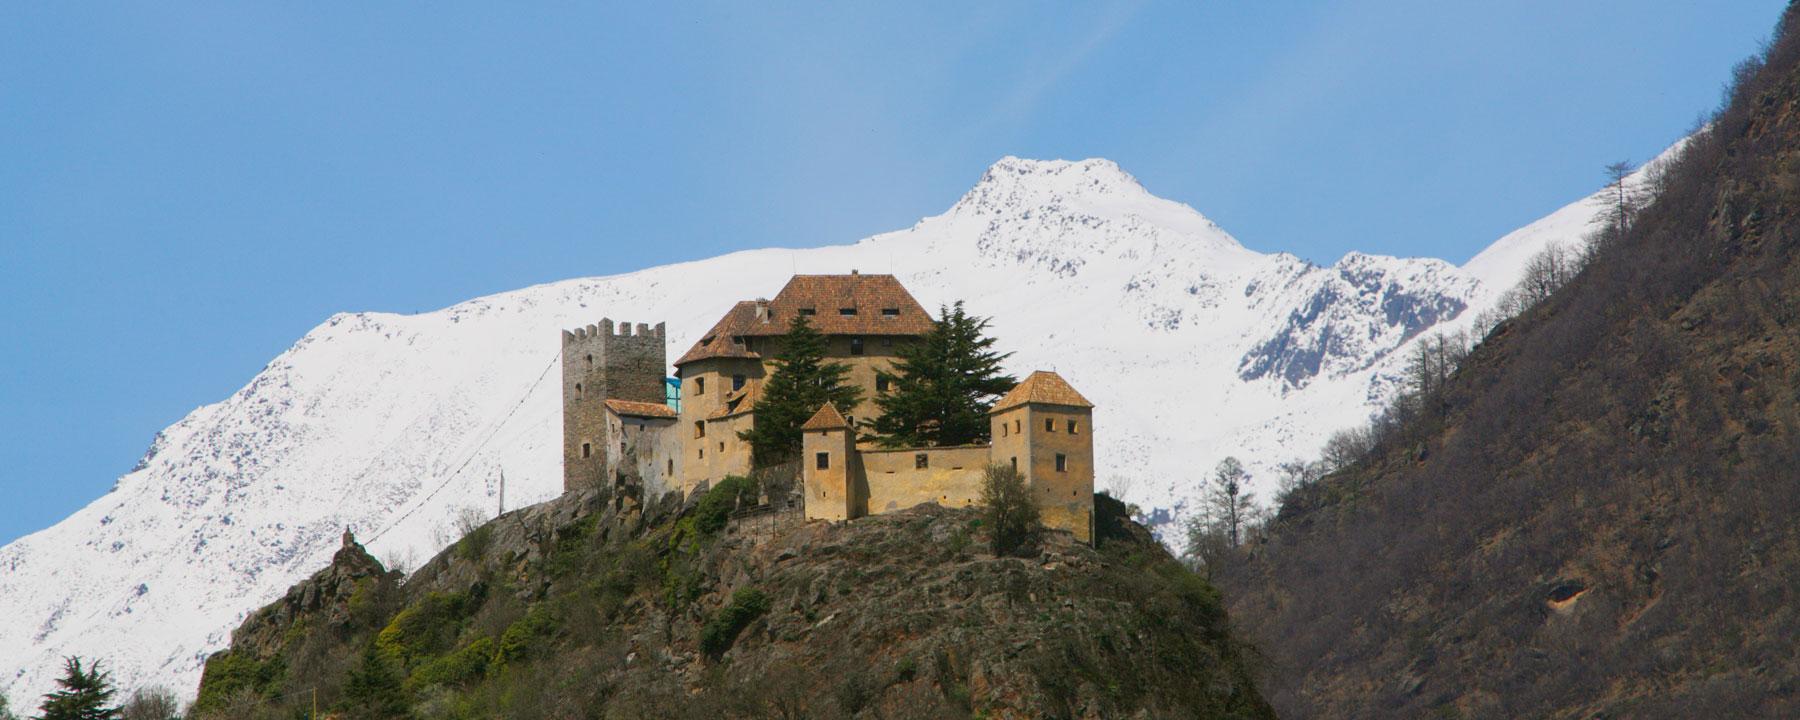 Schloss-Juval